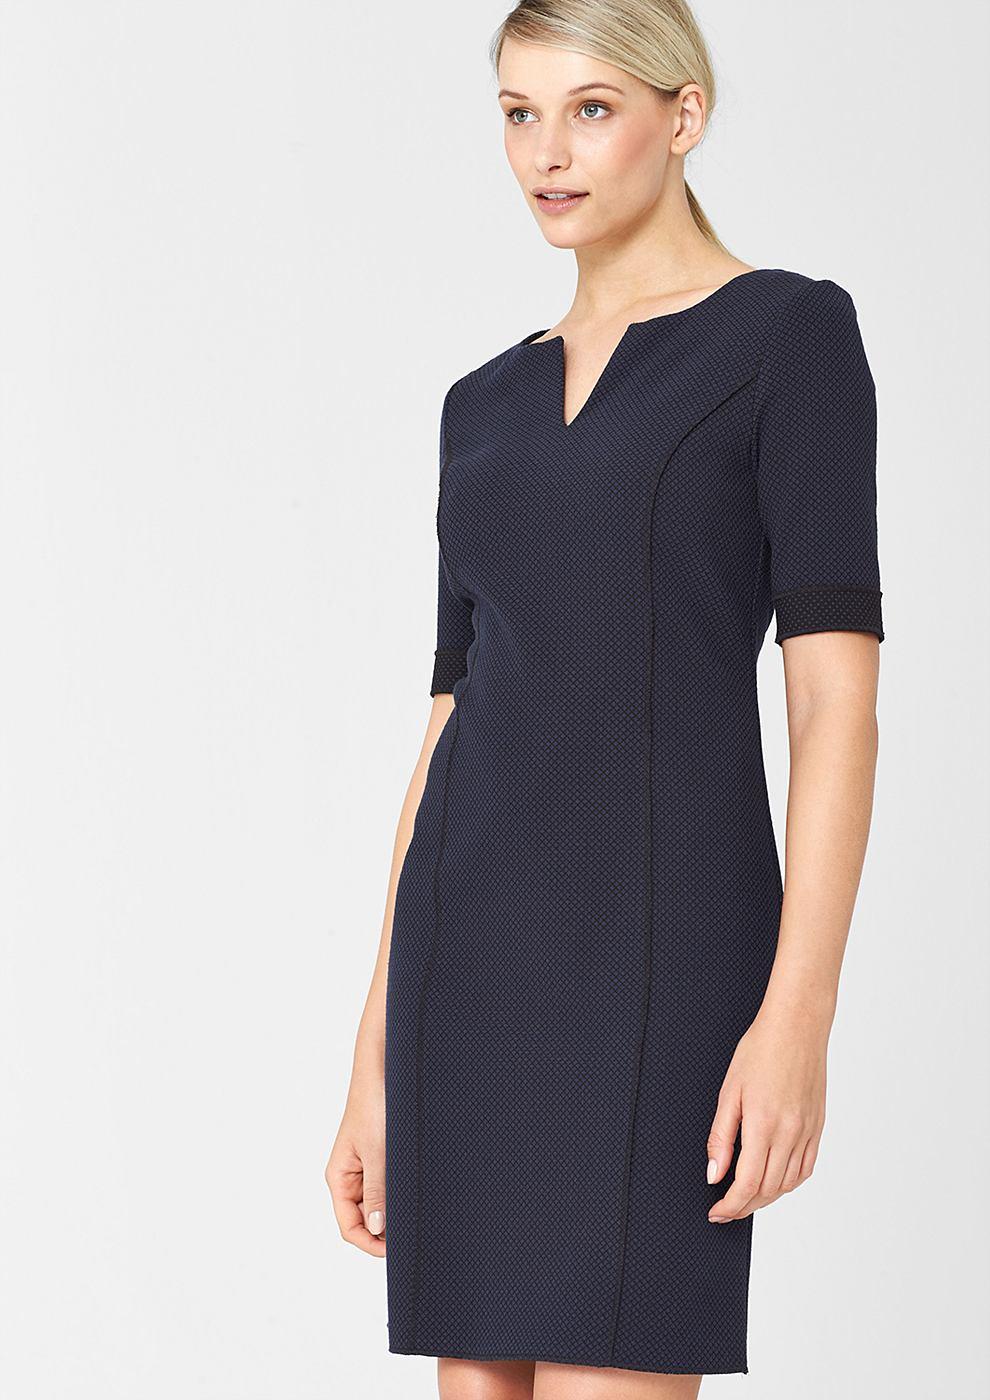 s.Oliver Premium Jacquard jurk met een cut-out bij de hals blauw